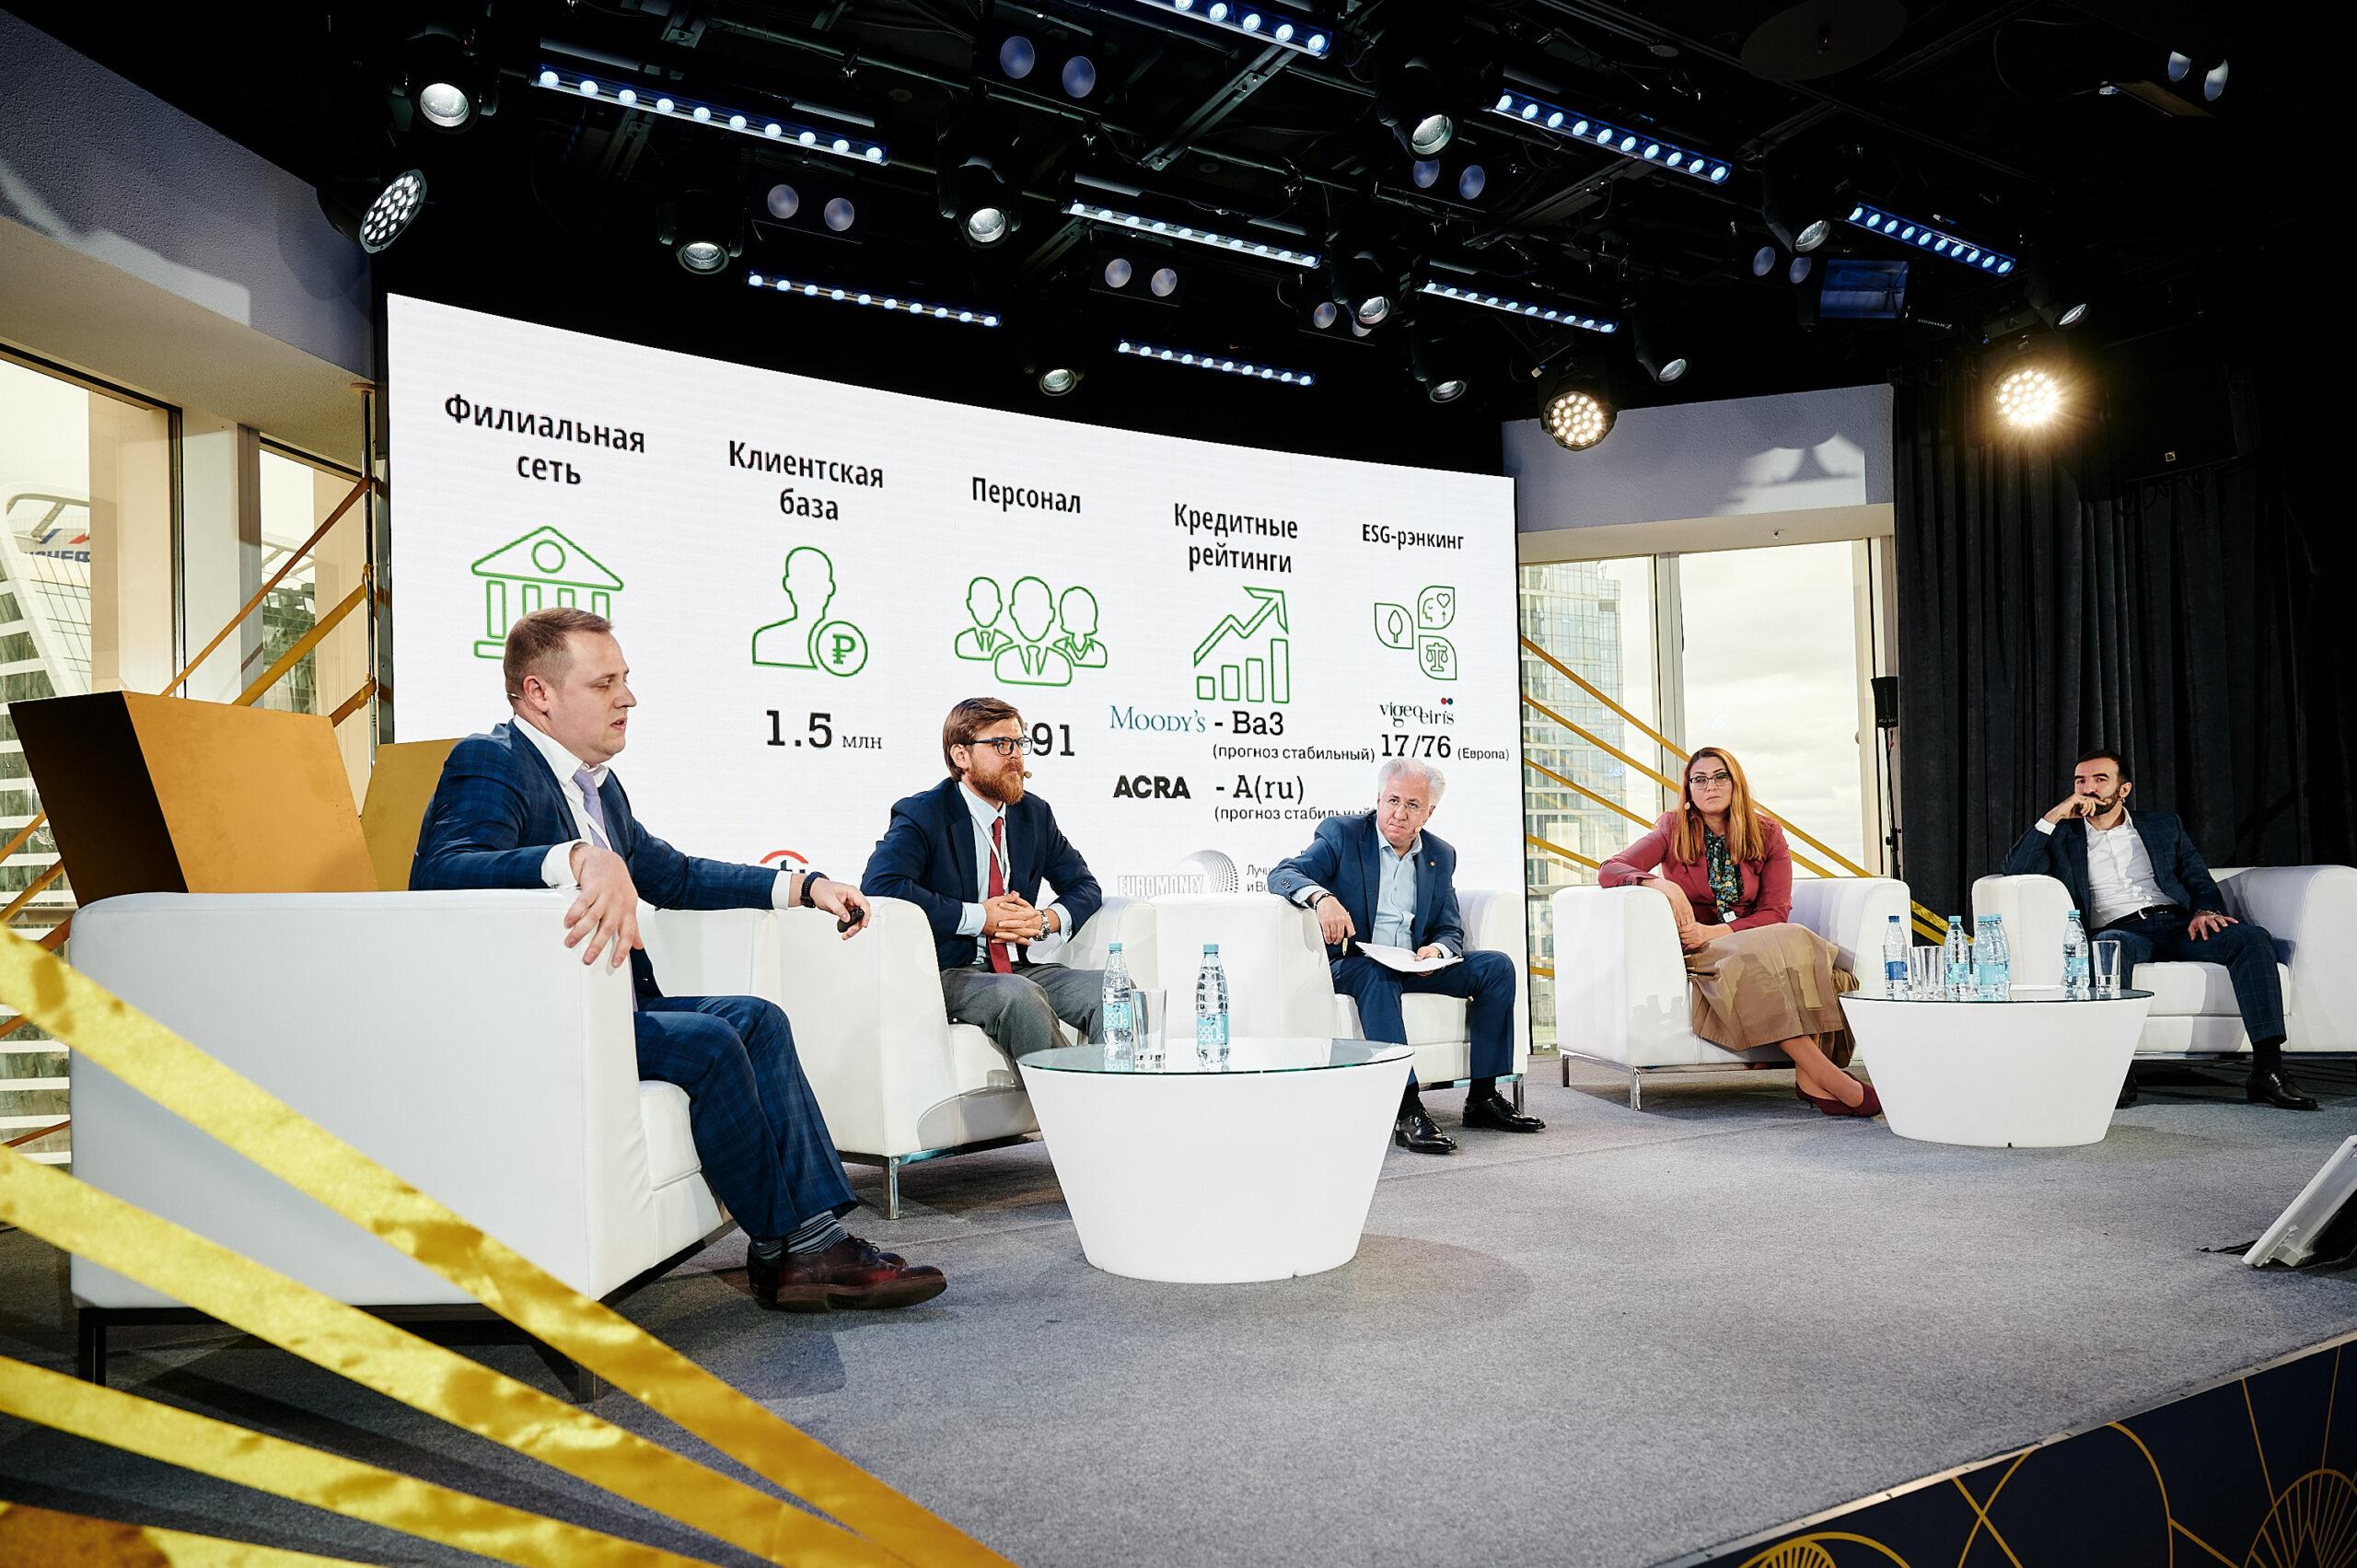 «Визионеры» обсудили трансформацию российской экономики в разрезе трендов устойчивого развития